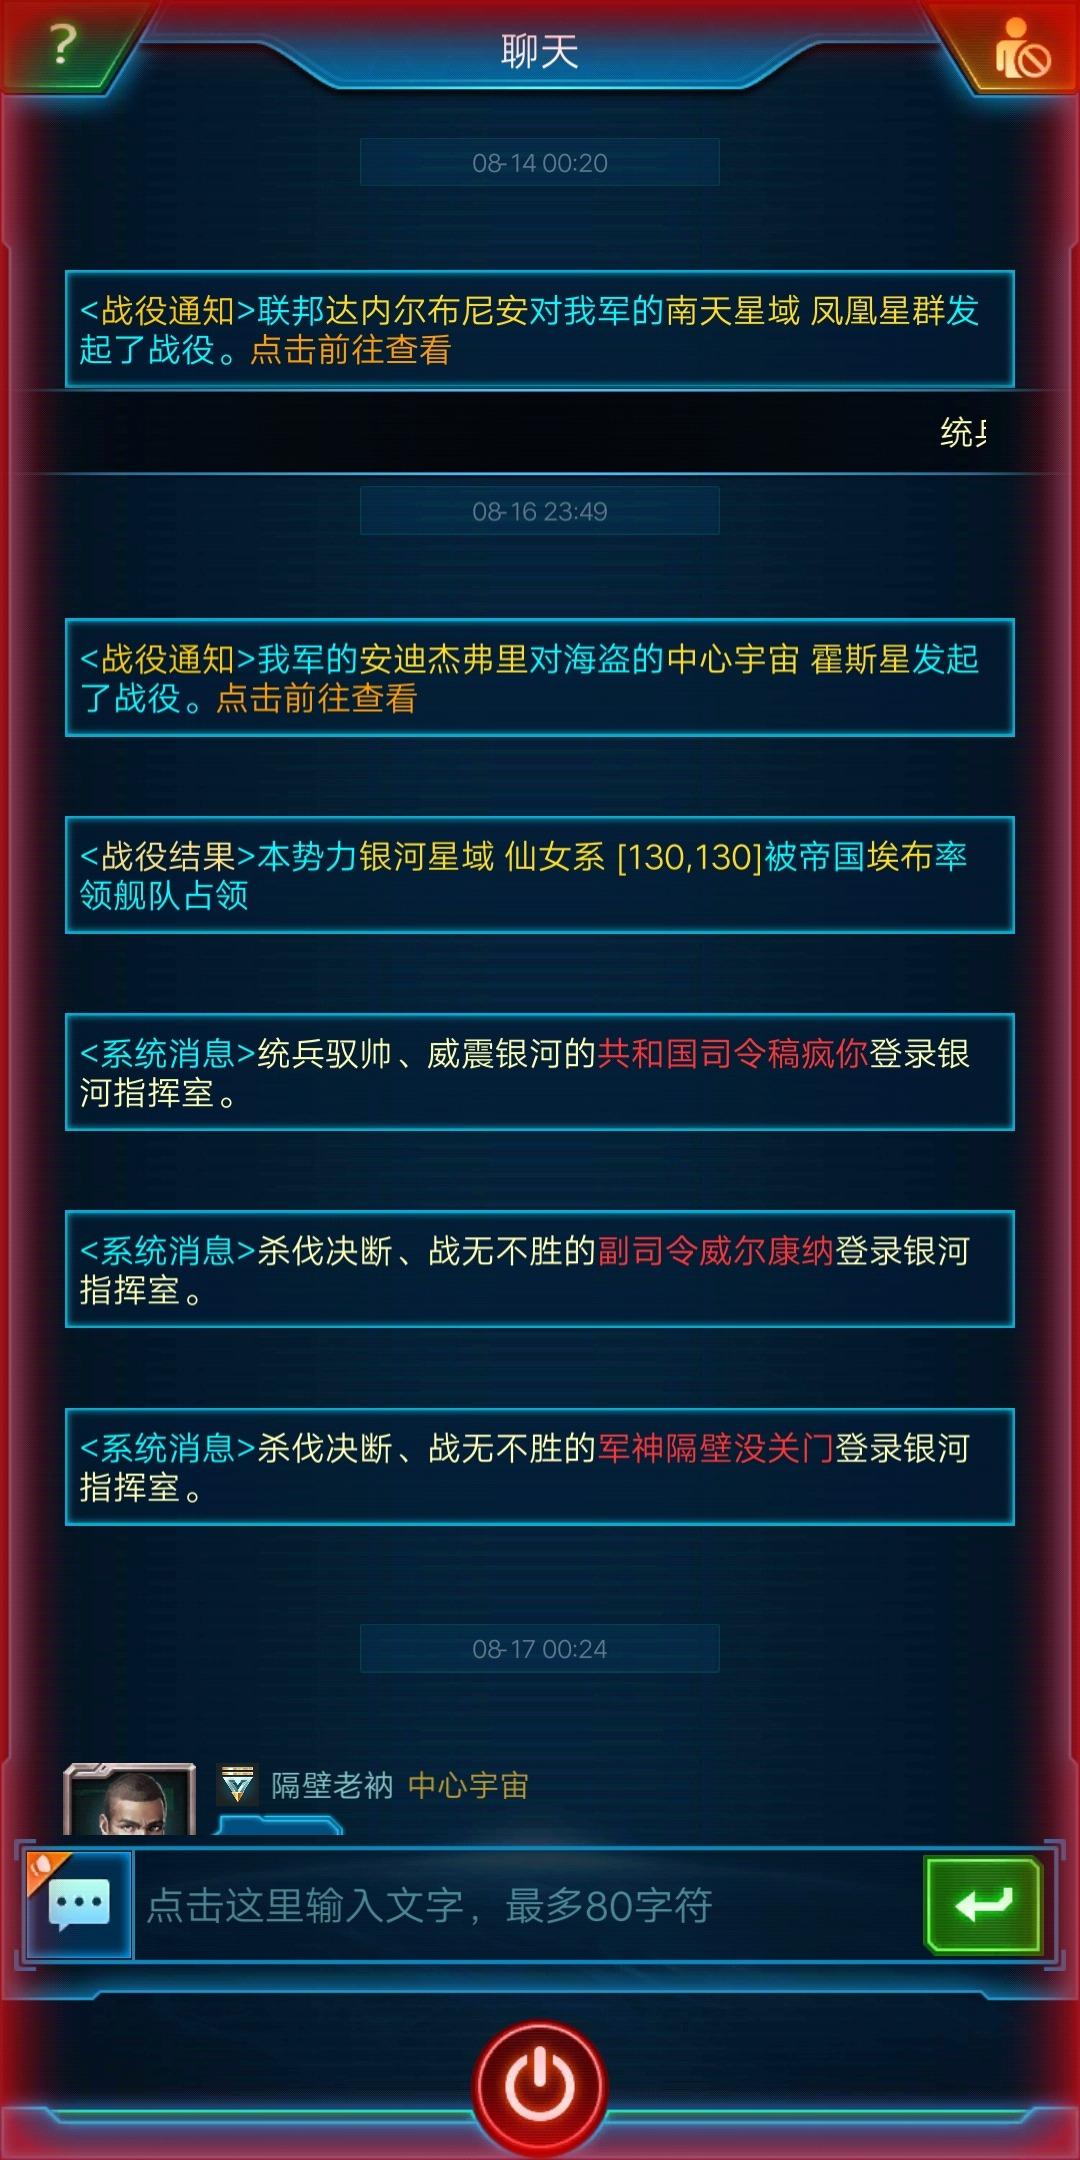 Screenshot_20180817_003301.jpg